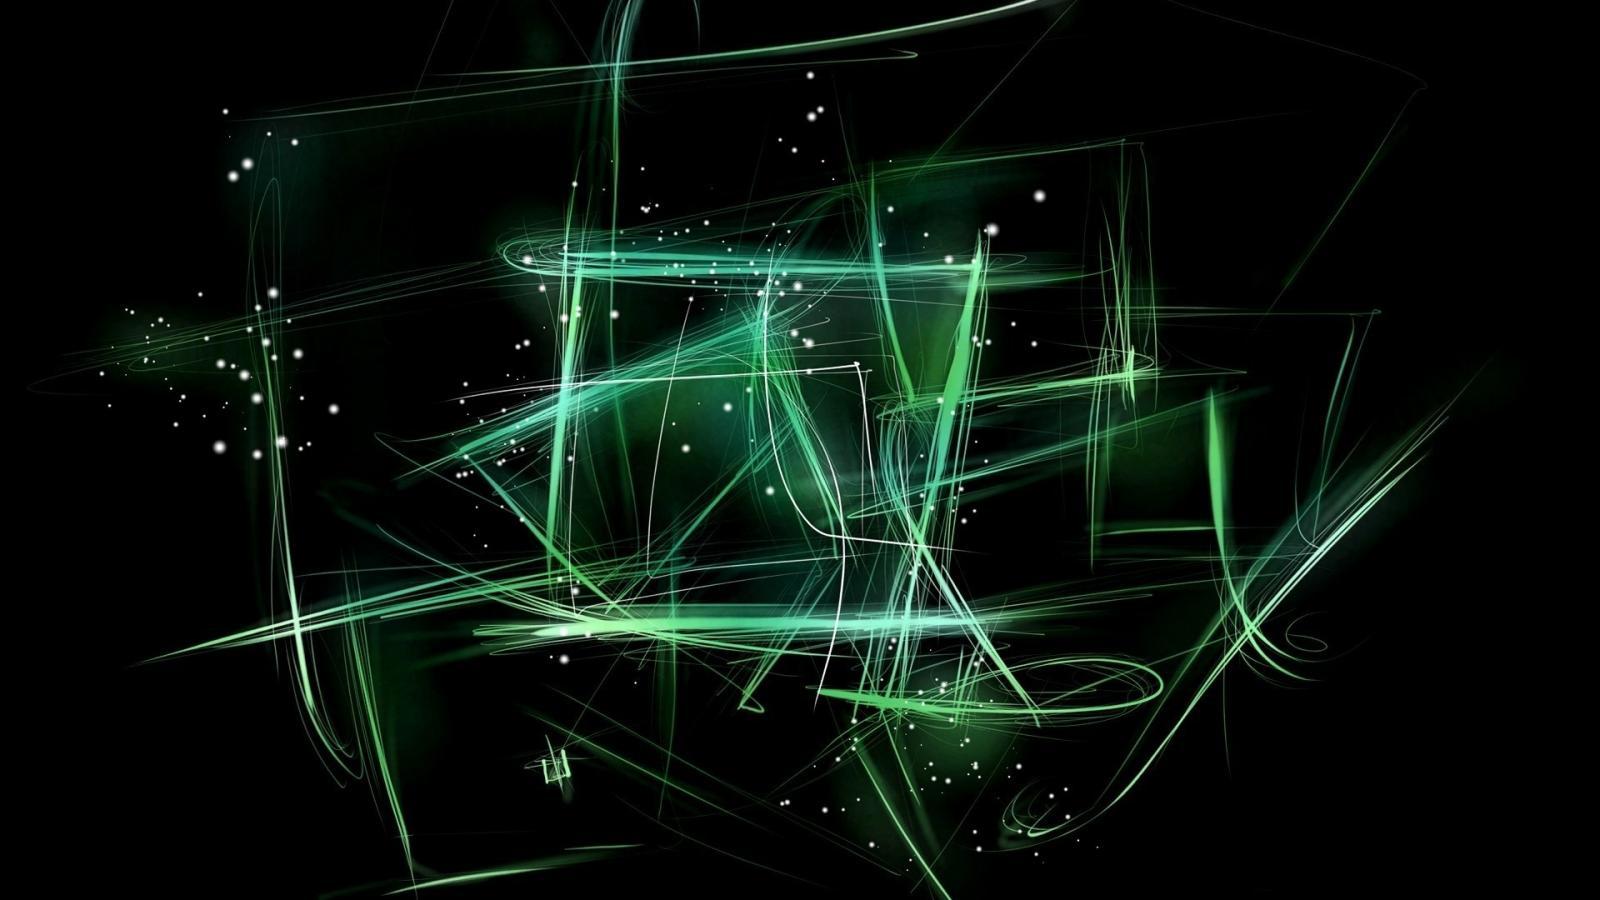 Abstract Black Green Hd 1600x900 pixel Popular HD Wallpaper 41399 1600x900